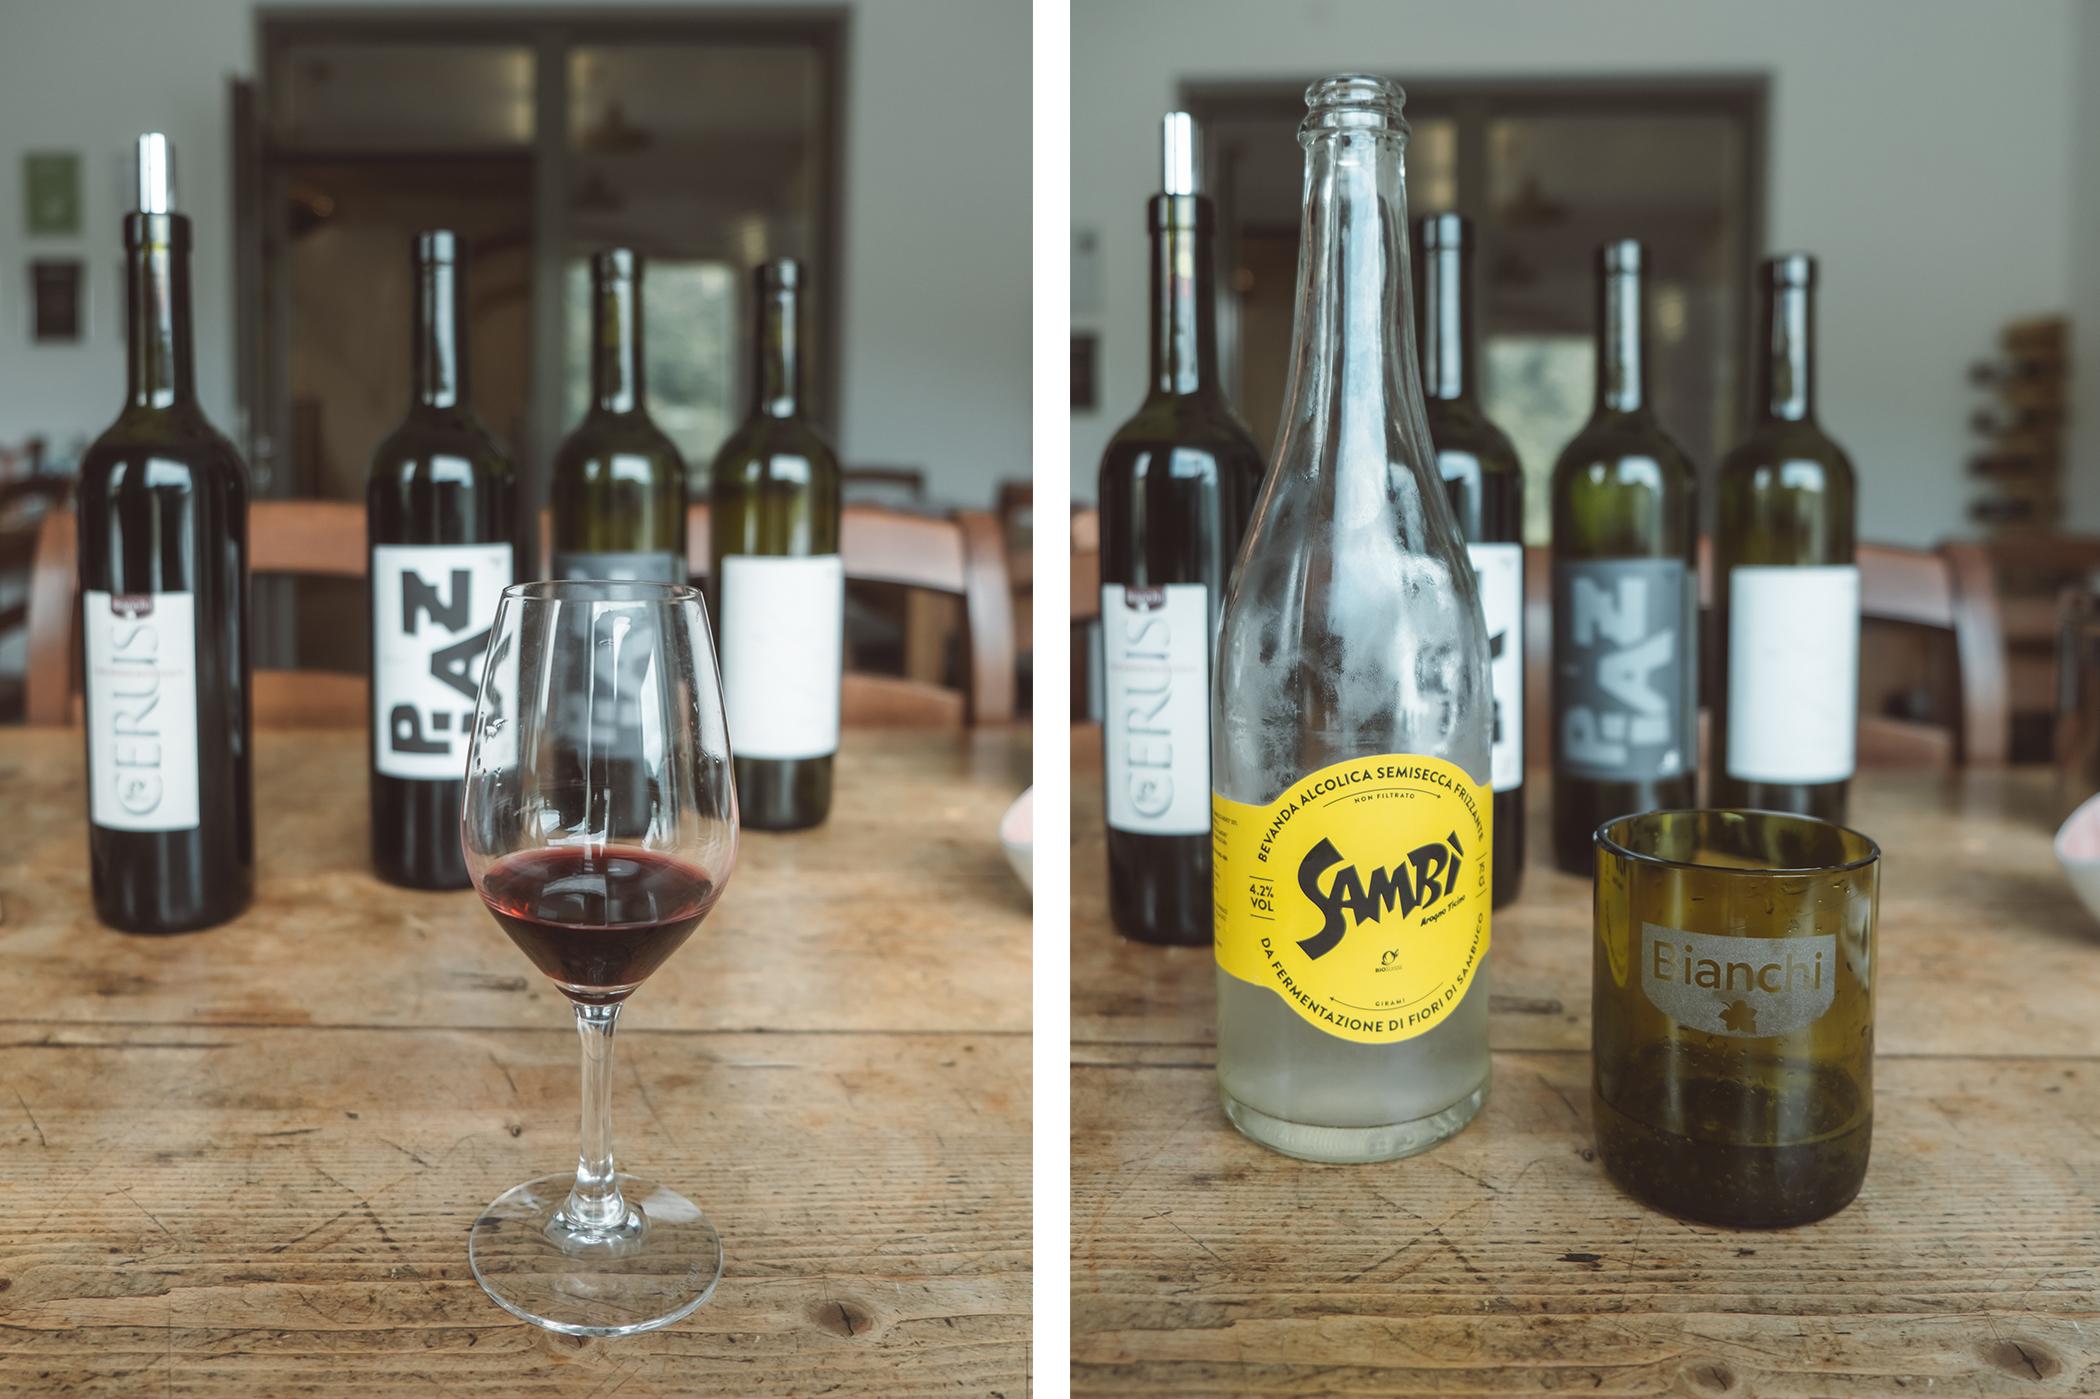 Les vins d'Azienda Agricola Bianchi